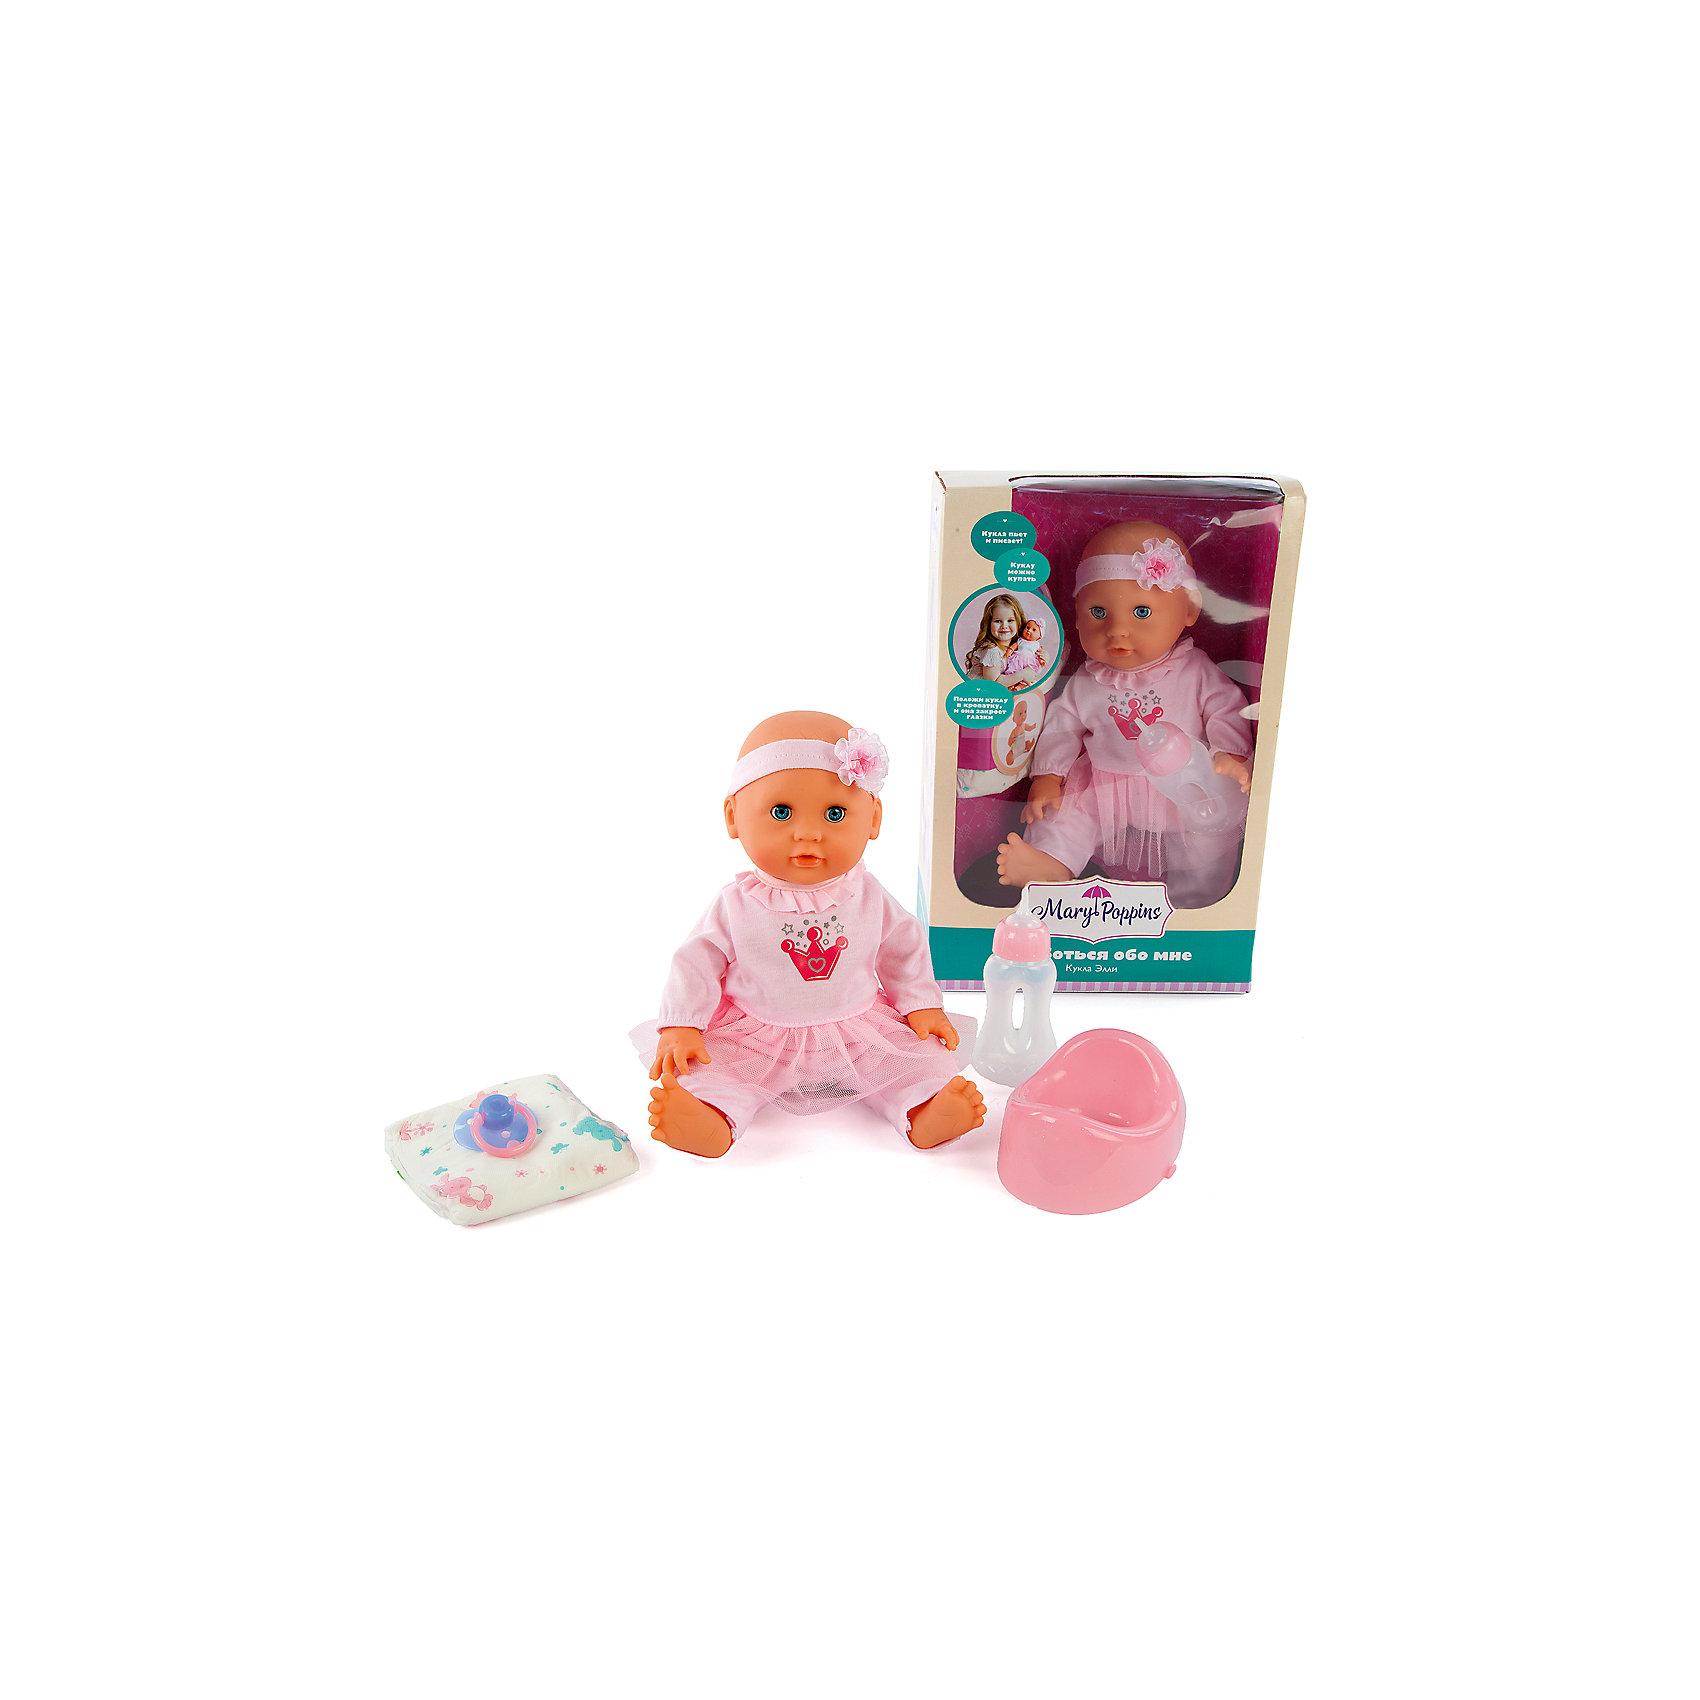 Кукла Элли Позаботься обо мне, 32 см, Mary PoppinsКуклы-пупсы<br>Кукла Элли Позаботься обо мне, 32 см, Mary Poppins.<br><br>Характеристики:<br><br>• Комплектация: кукла, горшок, бутылочка, подгузник<br>• Высота куклы: 32 см.<br>• Материал: ПВХ, пластик, текстиль<br>• Упаковка: картонная коробка блистерного типа<br>• Размер упаковки: 23х13х34 см.<br><br>Кукла Элли торговой марки Mary Poppins с функцией Пью и писаю отлично подойдет для сюжетно-ролевых игр в «дочки-матери». В комплекте с куклой поставляется горшок, бутылочка и настоящий подгузник. Можно напоить куколку из бутылочки водой и посадить на горшок или надеть ей подгузник. Кукла одета в нежно-розовое платьице с оборкой из фатина и лосины из эксклюзивной коллекции Корона. На голове у куклы — кокетливая повязка с цветком.  Элли можно купать в ванной (тельце у куклы твердое) и укладывать спать - в горизонтальном положении ее глаза закрываются.<br><br>Куклу Элли Позаботься обо мне, 32 см, Mary Poppins можно купить в нашем интернет-магазине.<br><br>Ширина мм: 225<br>Глубина мм: 130<br>Высота мм: 340<br>Вес г: 750<br>Возраст от месяцев: 24<br>Возраст до месяцев: 2147483647<br>Пол: Женский<br>Возраст: Детский<br>SKU: 5402756